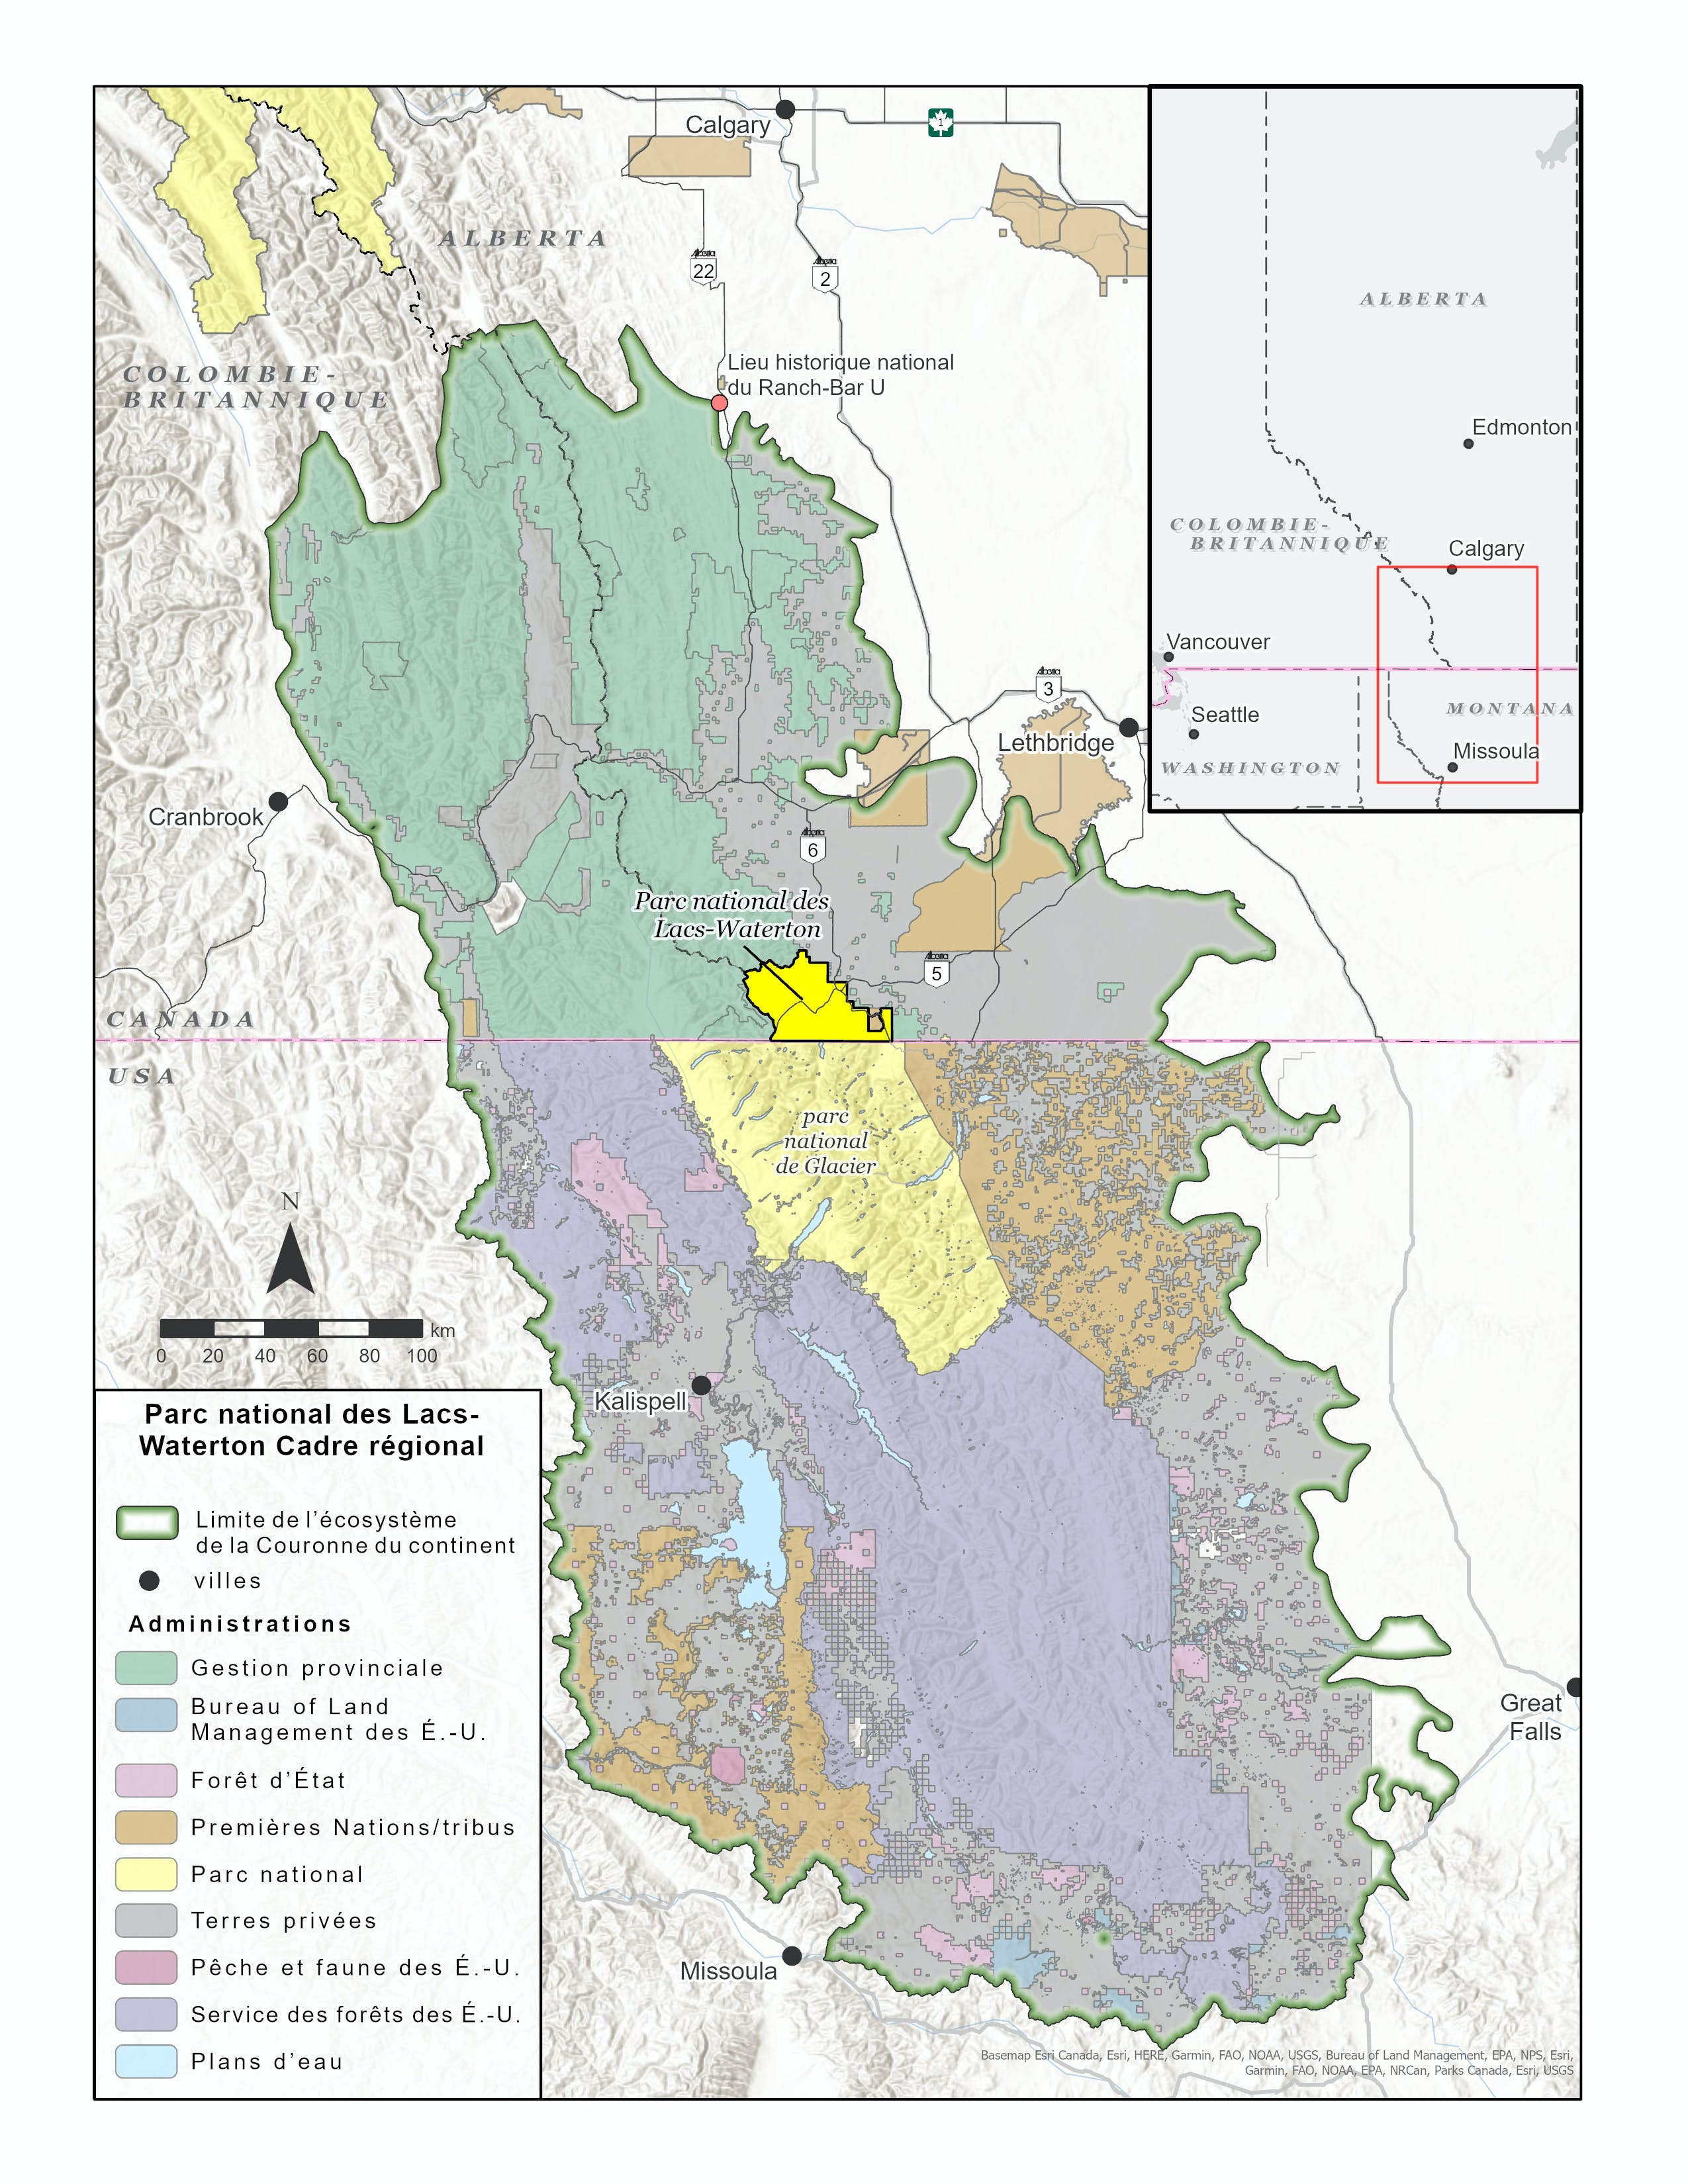 Parc national des Lacs-Waterton Cadre régional